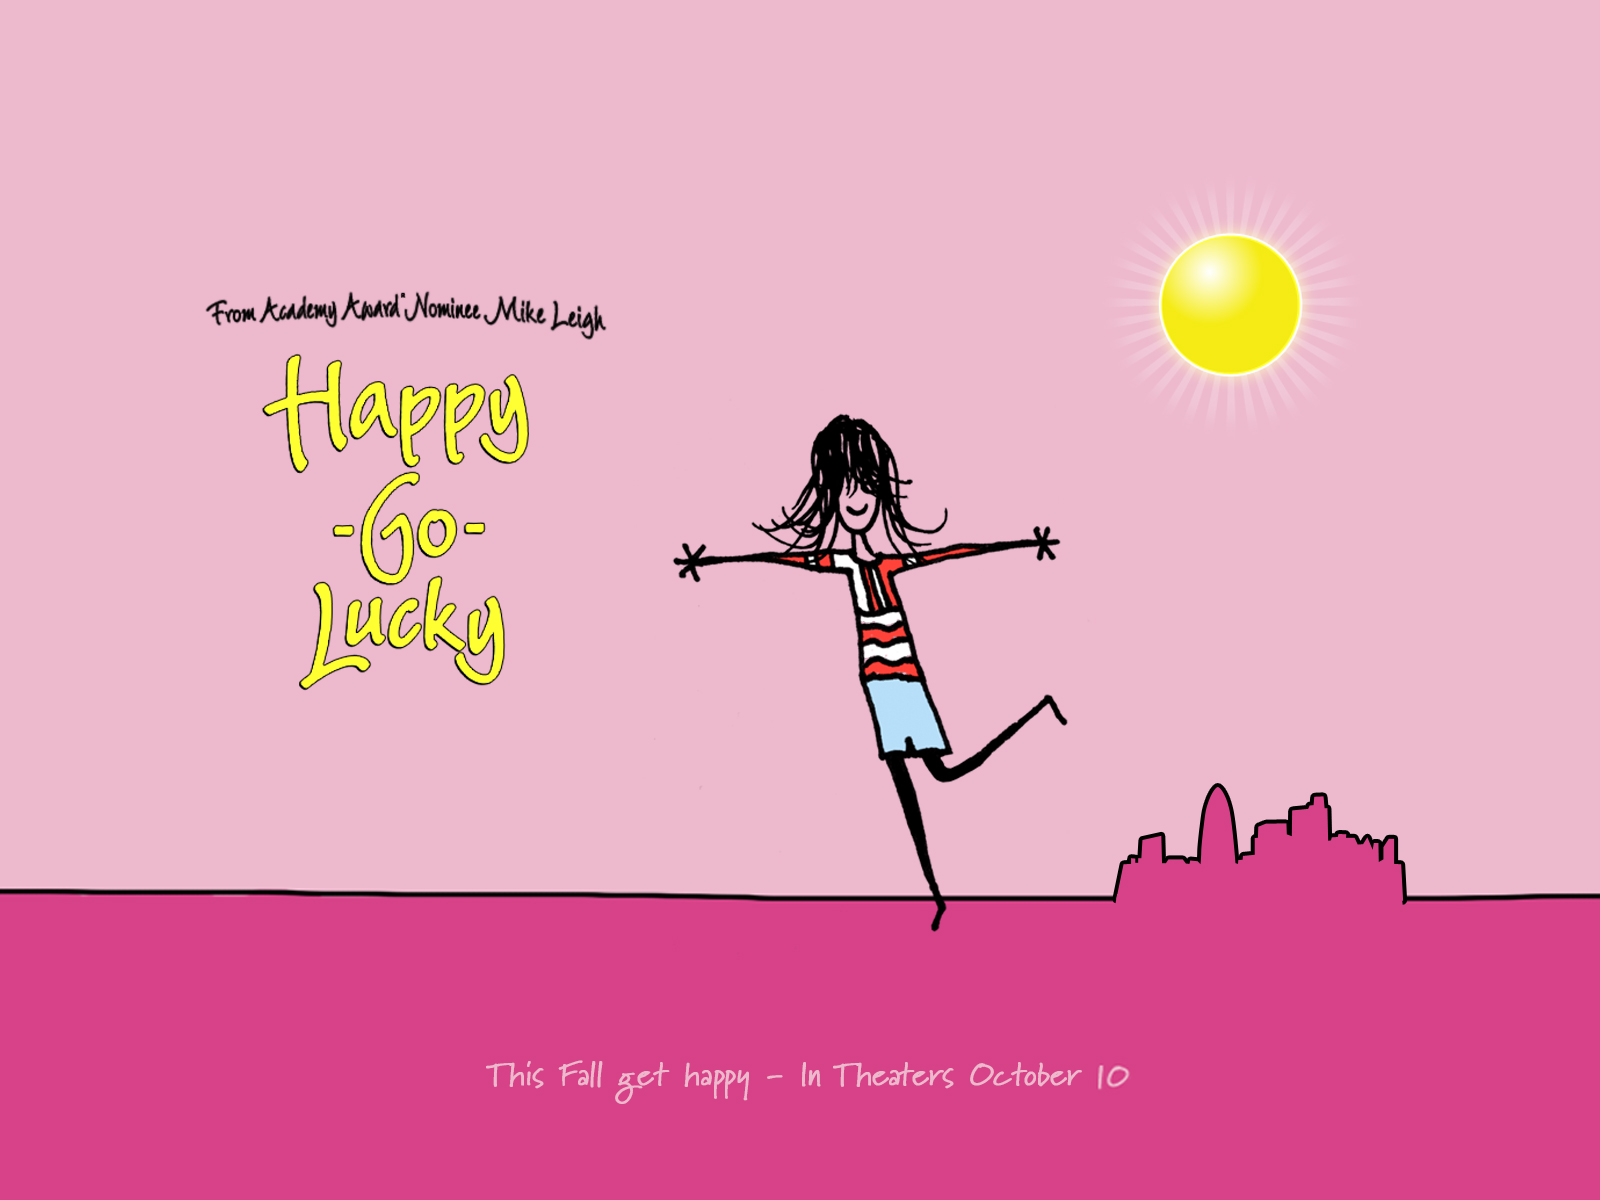 http://4.bp.blogspot.com/-7sN8Fmjya1Y/UDZL297Pz4I/AAAAAAAAAn8/XHH51ikEEjw/s1600/Sally_Hawkins_in_Happy_Go_Lucky_Wallpaper_4_1280.jpg